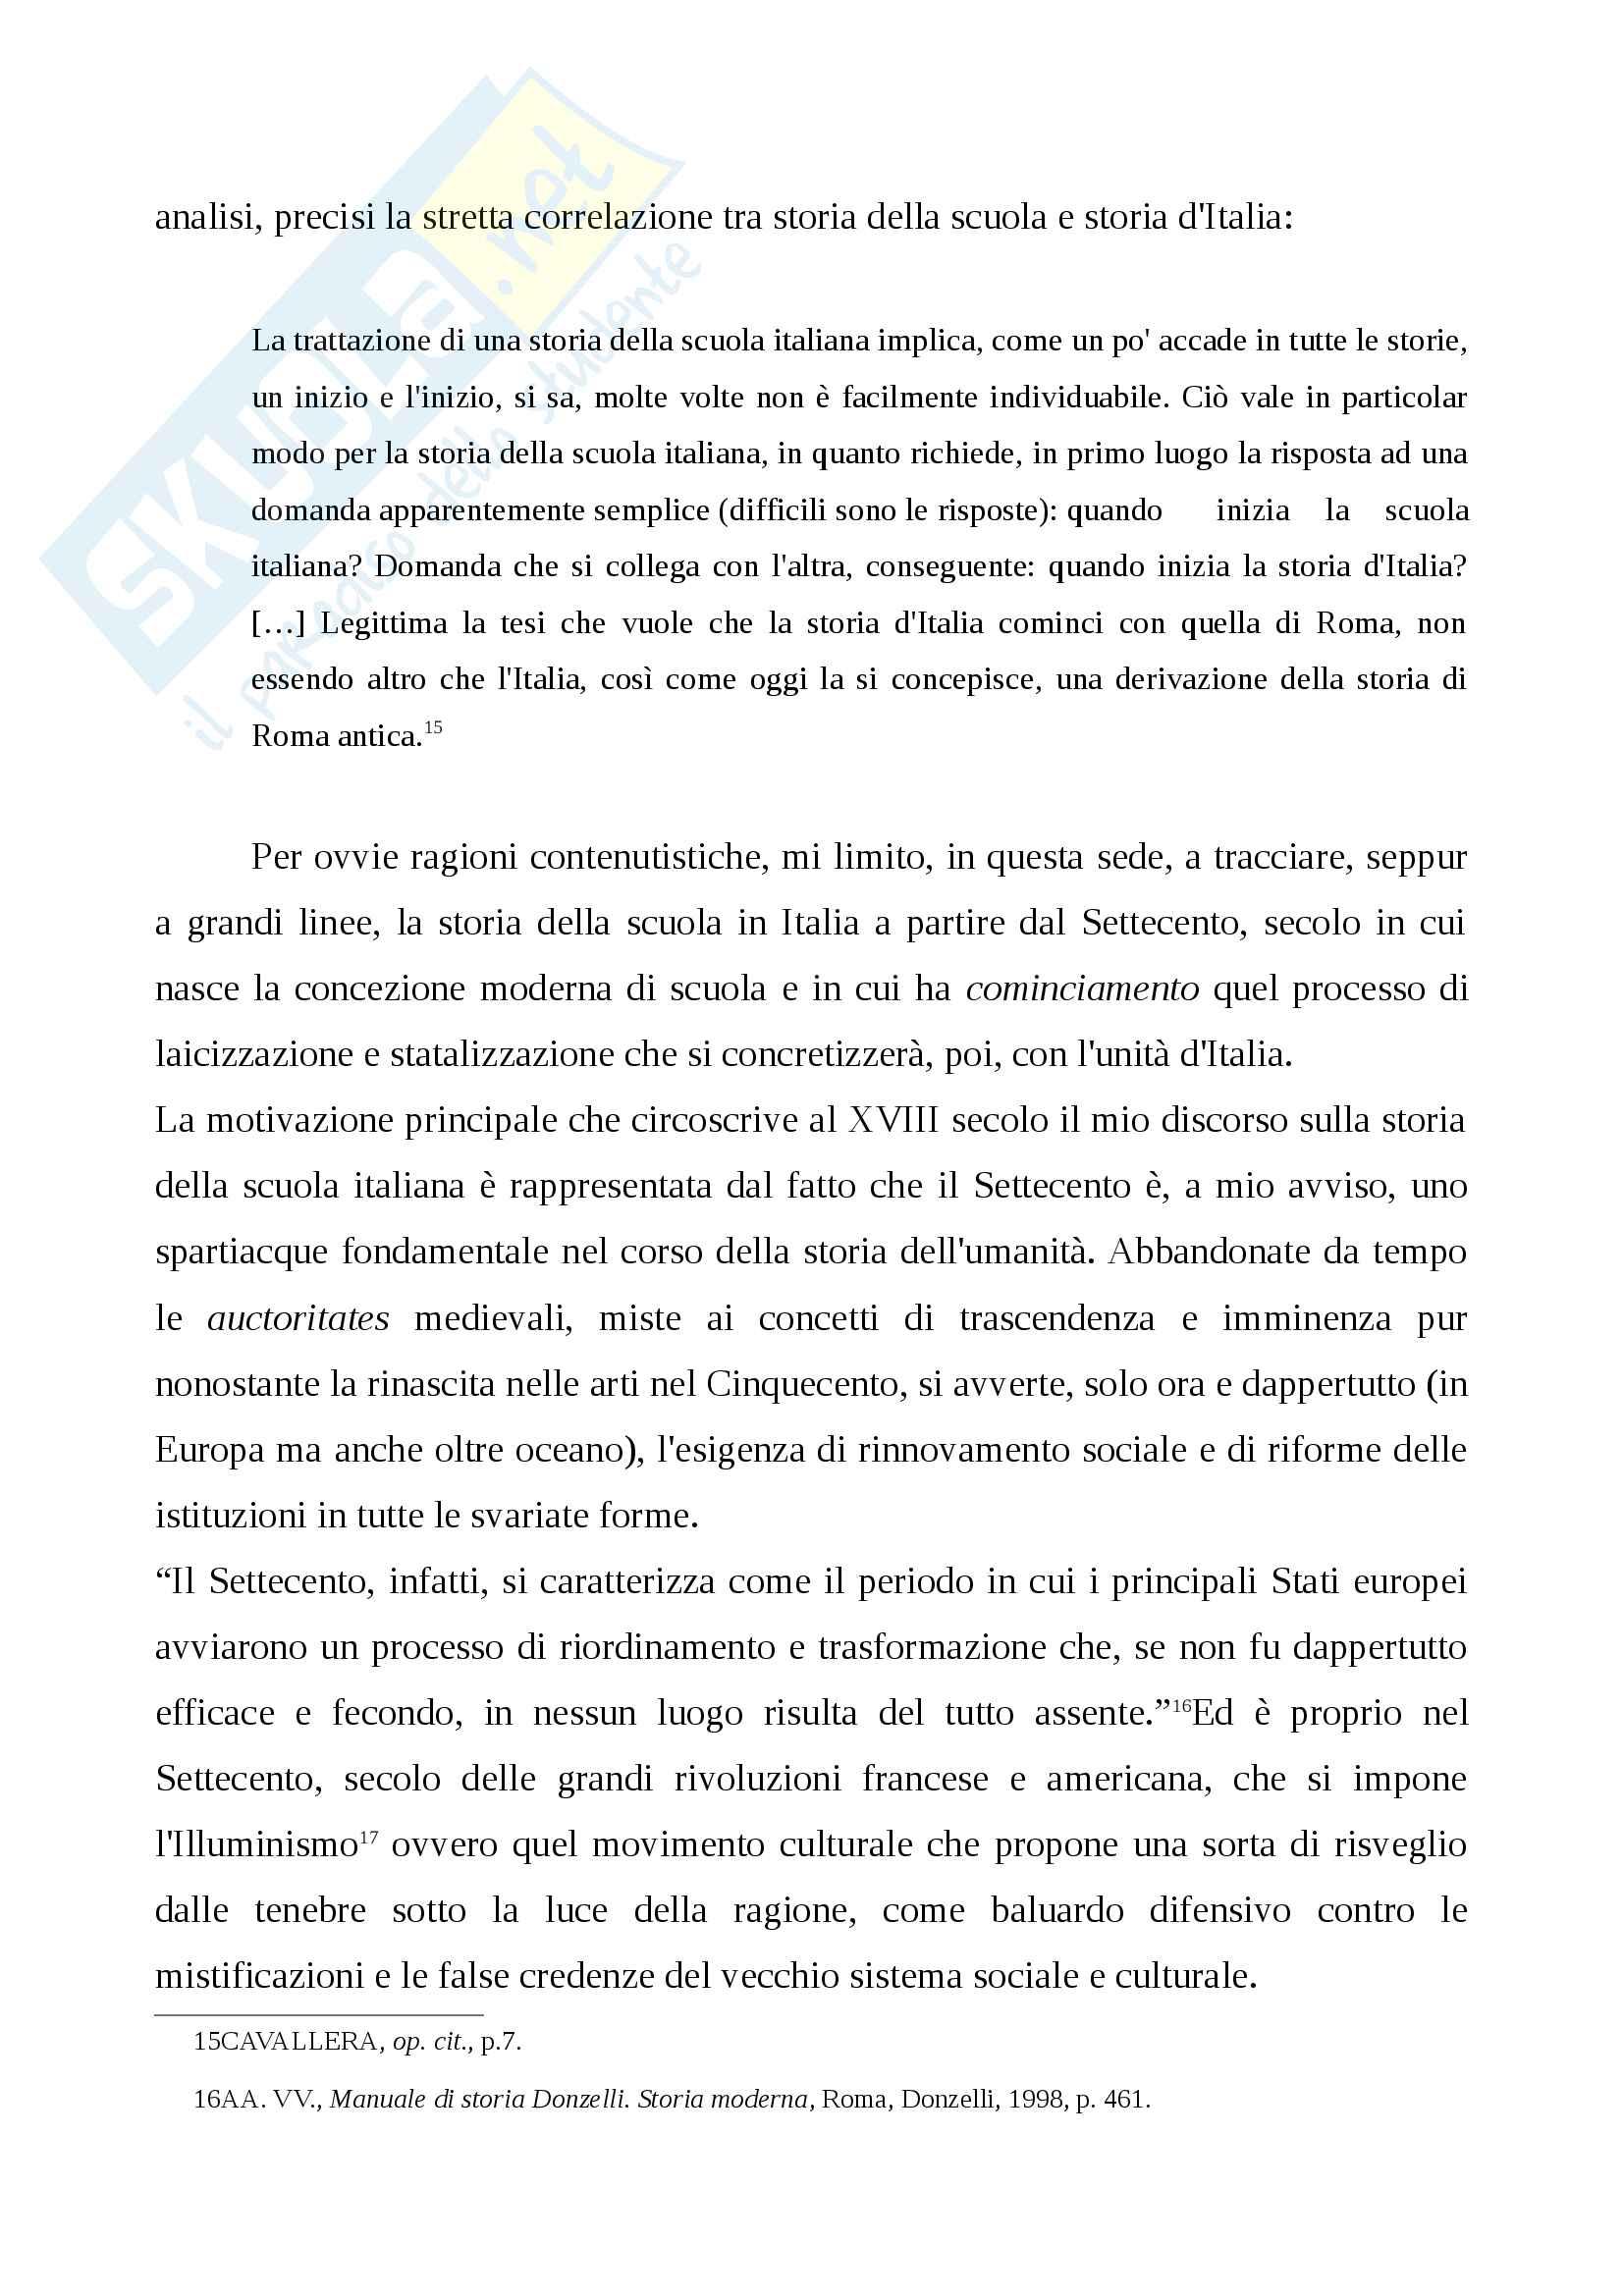 Storia della scuola italiana (legge Casati, Riforma Gentile) Pag. 6